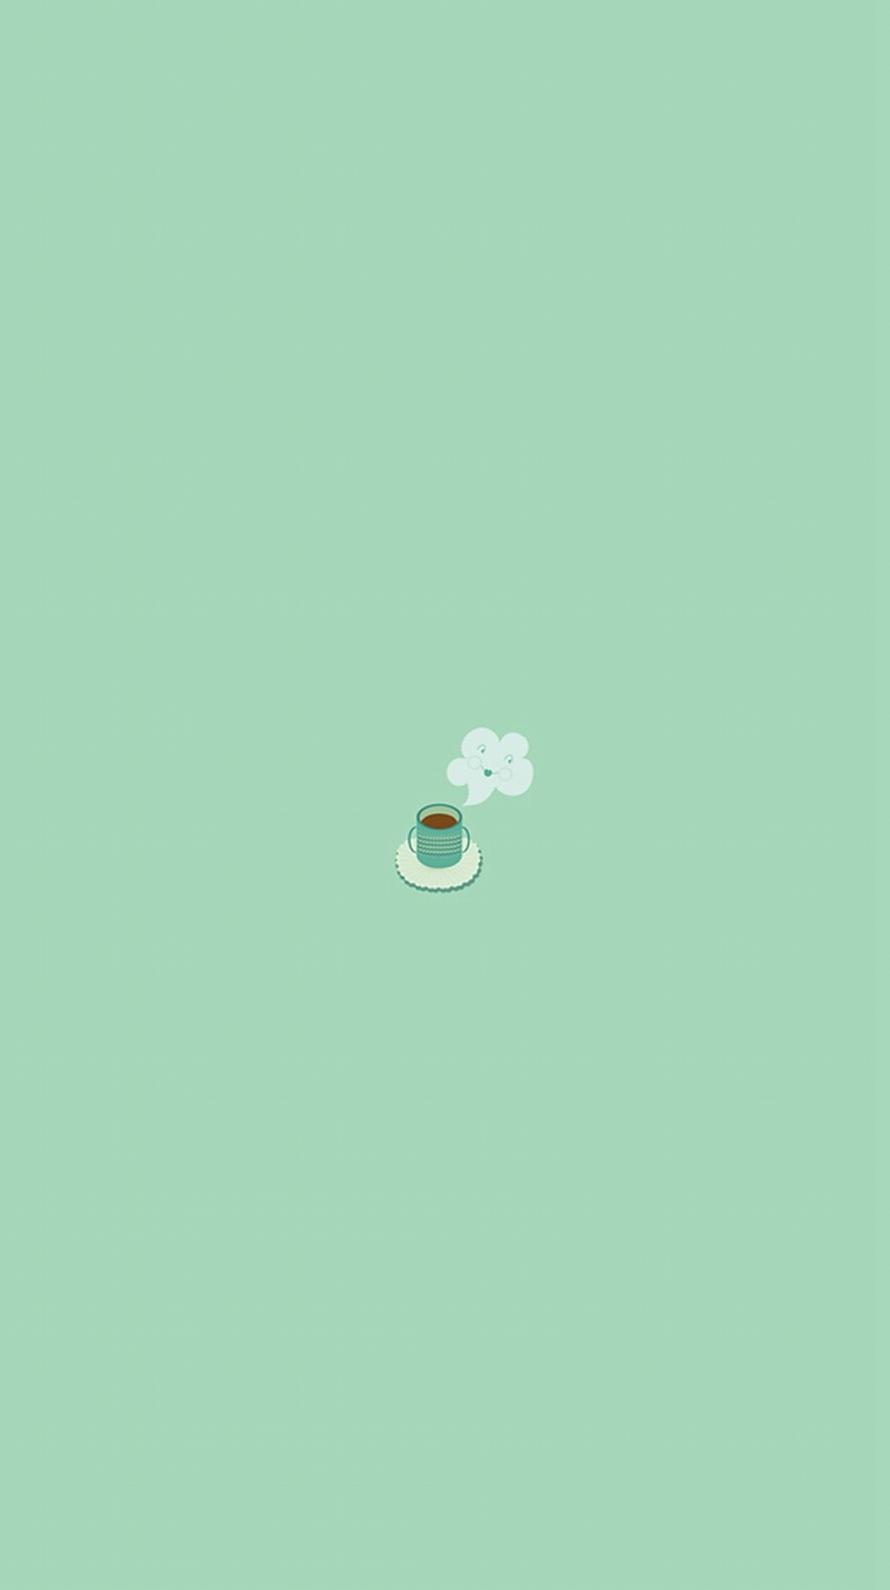 コーヒーブレイク 休憩 Iphone6壁紙 Wallpaperbox